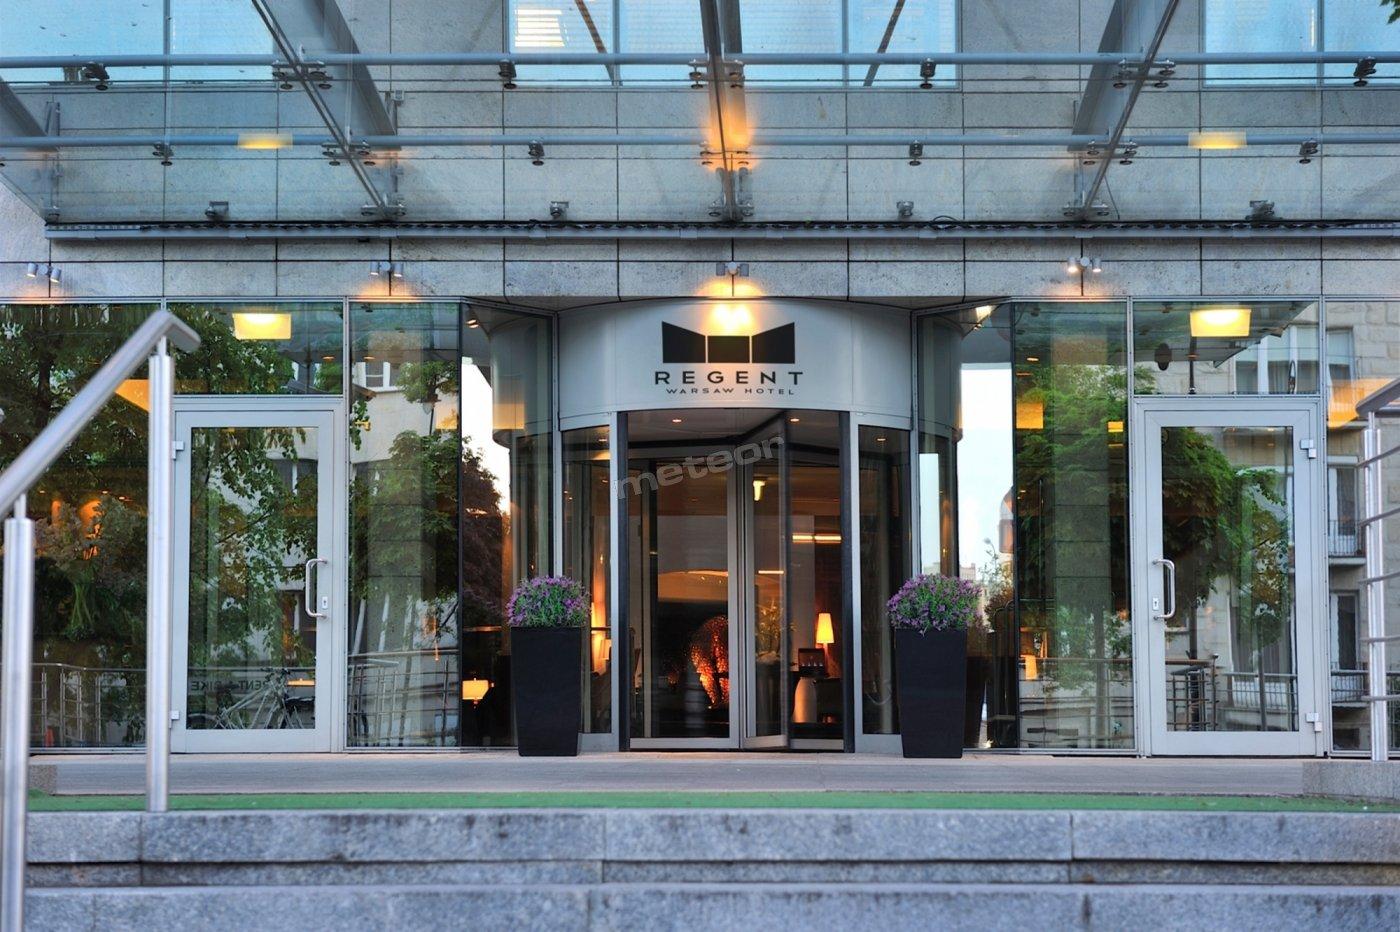 Regent Warsaw Hotel Warszawa Kontakt Telefon Ceny